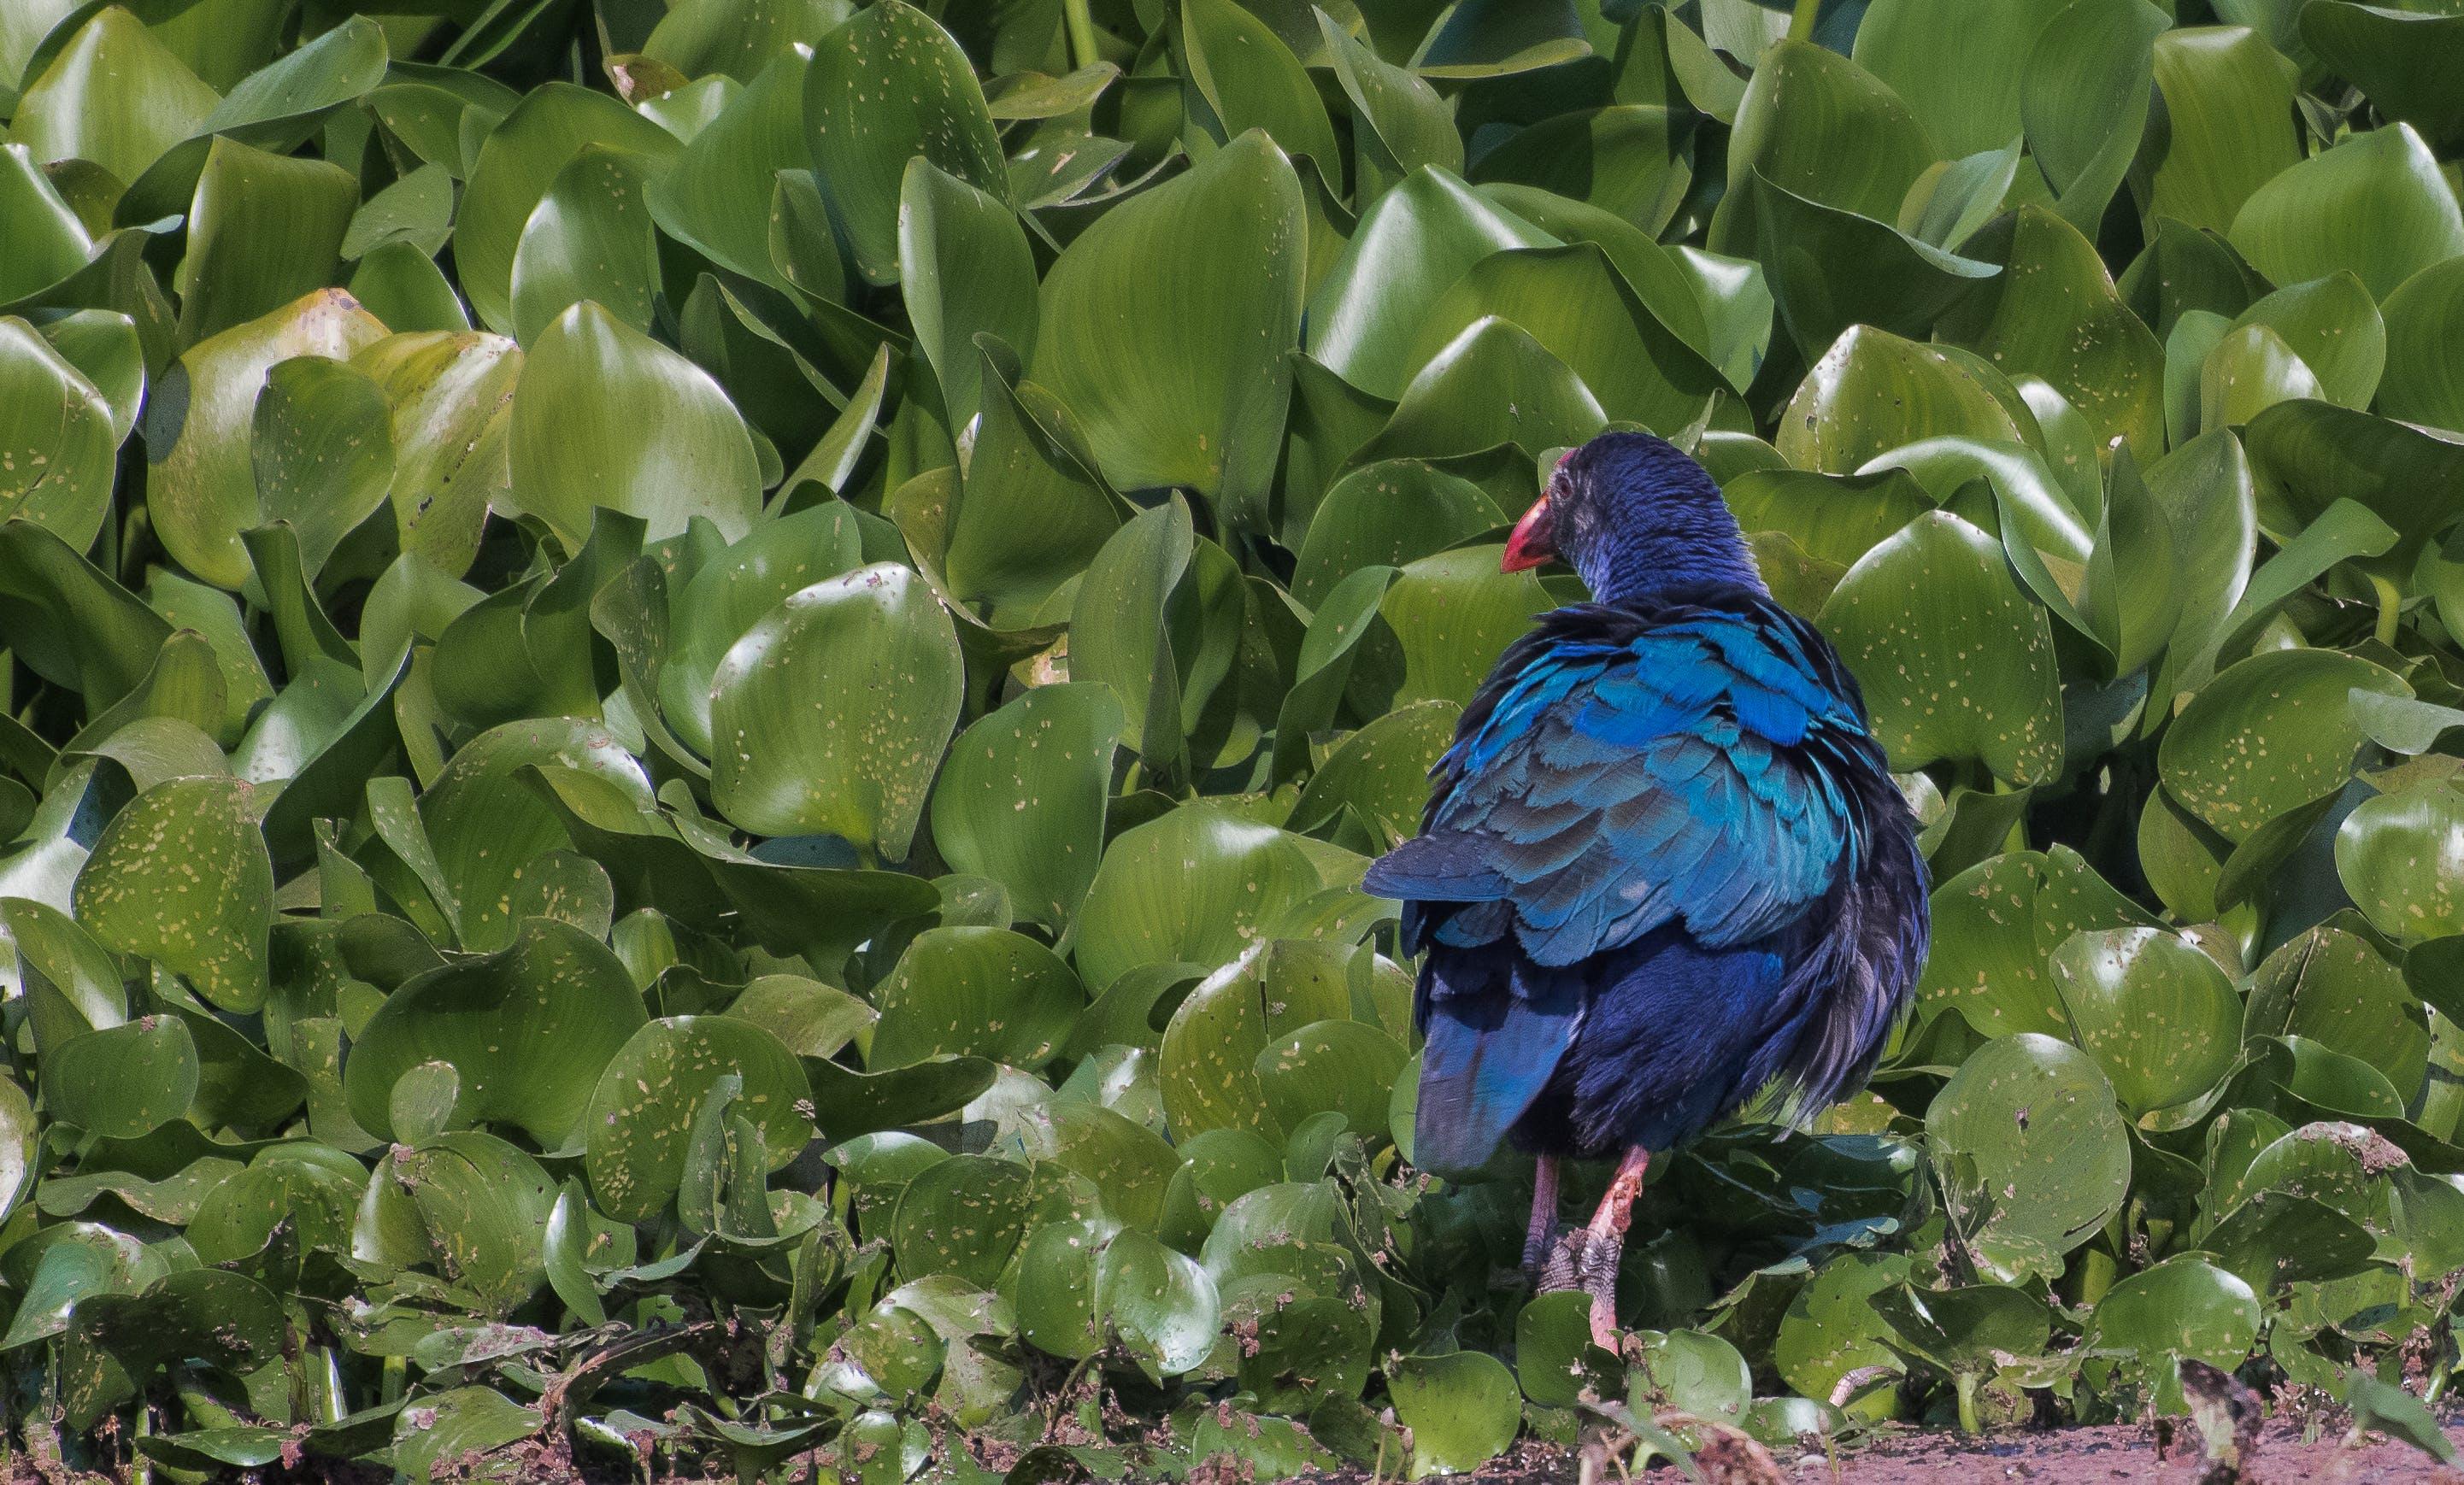 Kostenloses Stock Foto zu blue bird, henne, hübsch, lila swamphen